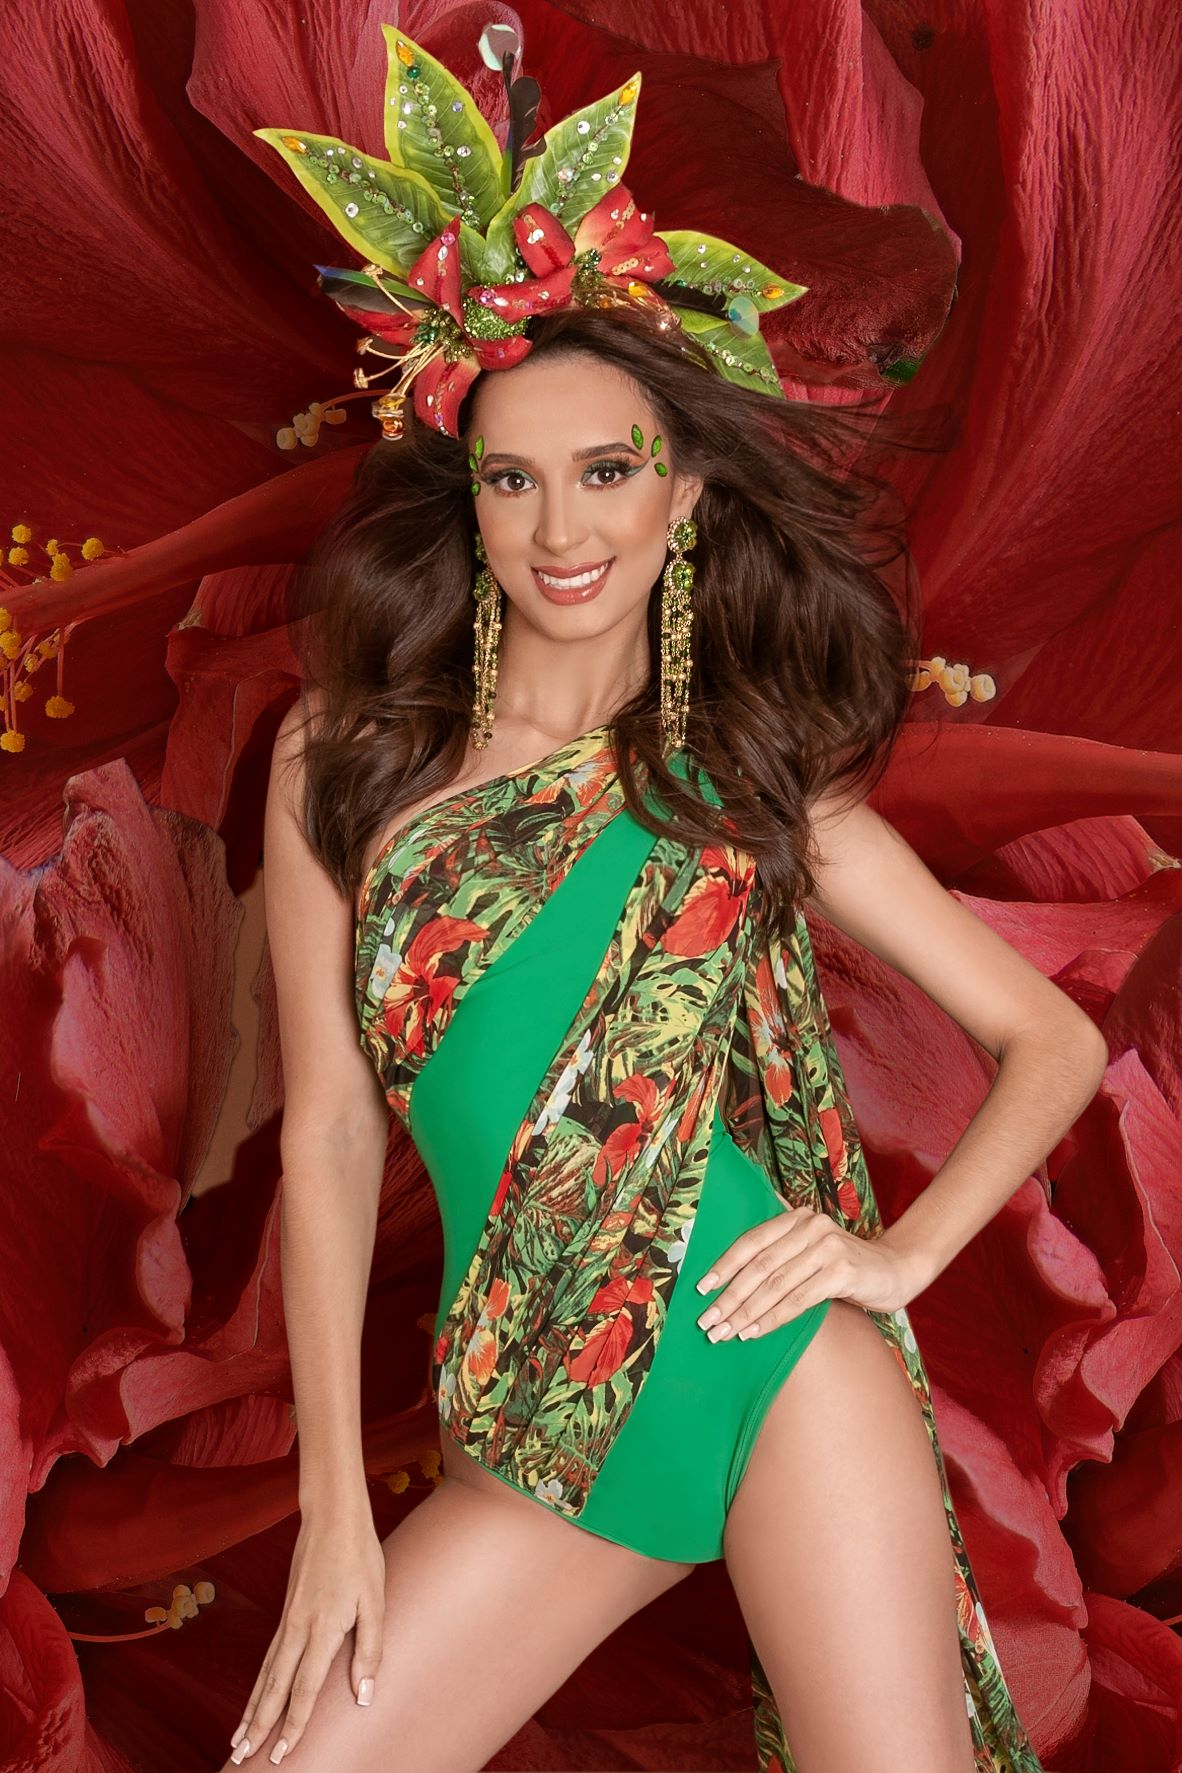 FOTOS OFICIALES DE MISS GRAND DISTRITO CAPITAL «DIVA THAI» INSPIRADAS EN  VENEZUELA Y TAILANDIA